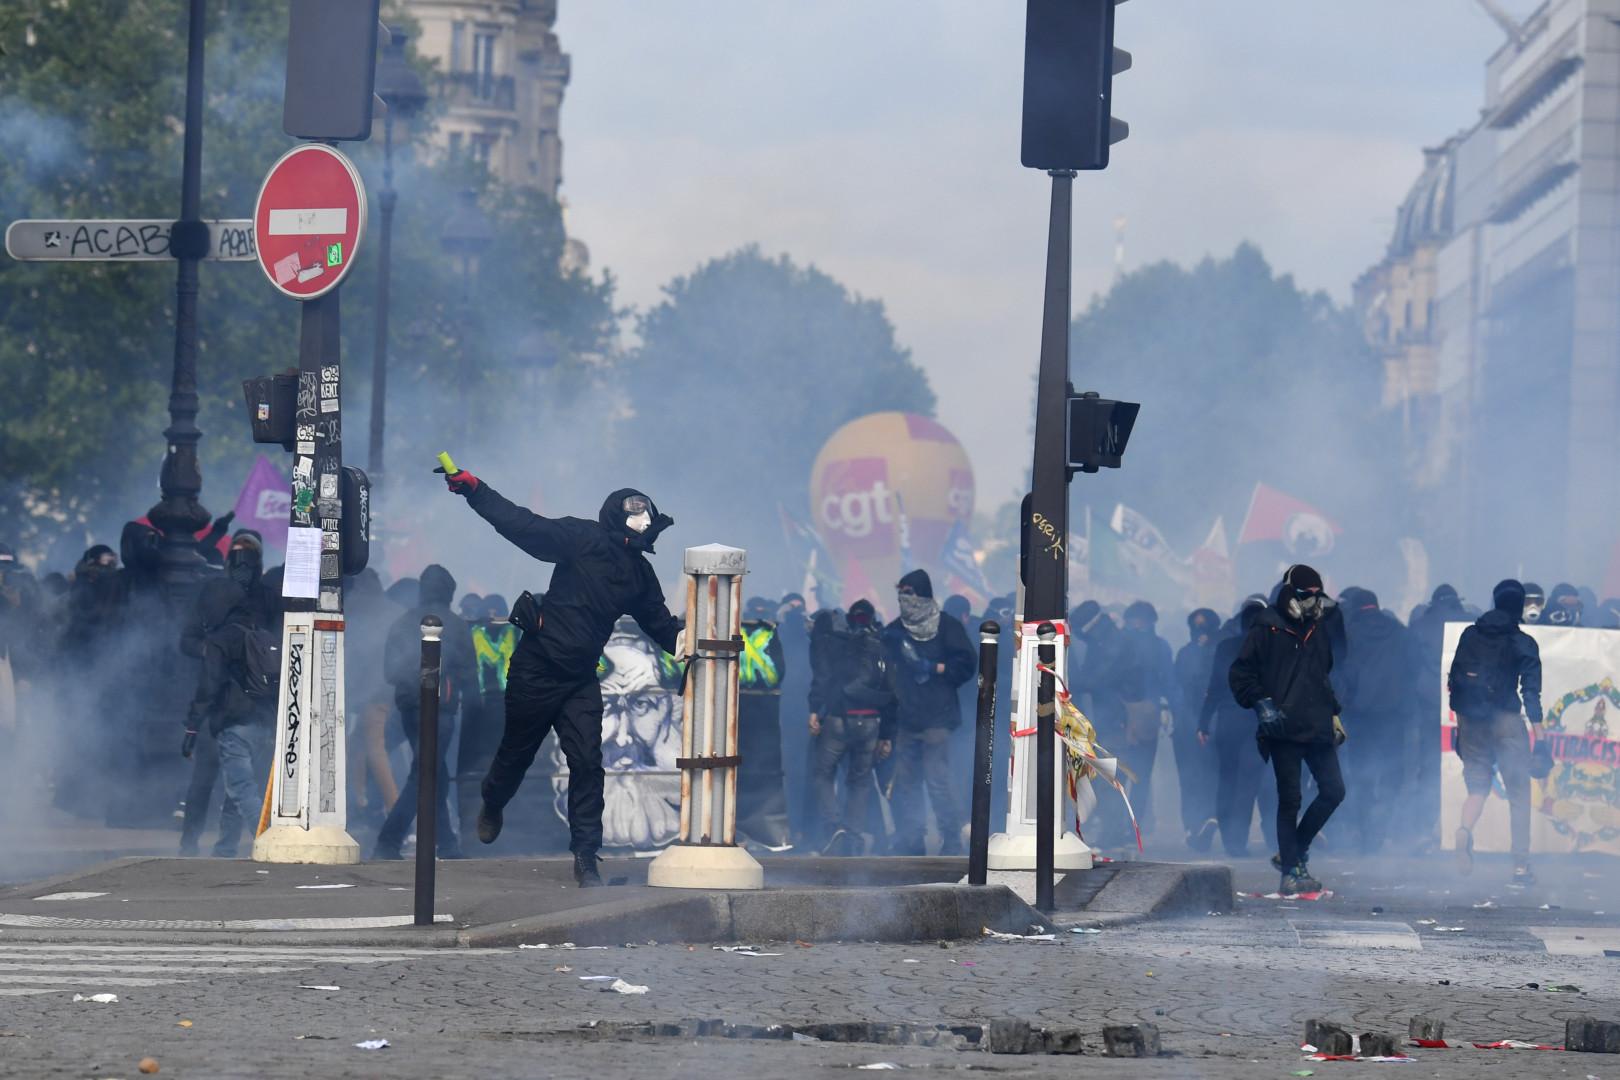 Des individus encagoulés et vêtus de noirs, lors du défilé du 1er mai 2018 à Paris